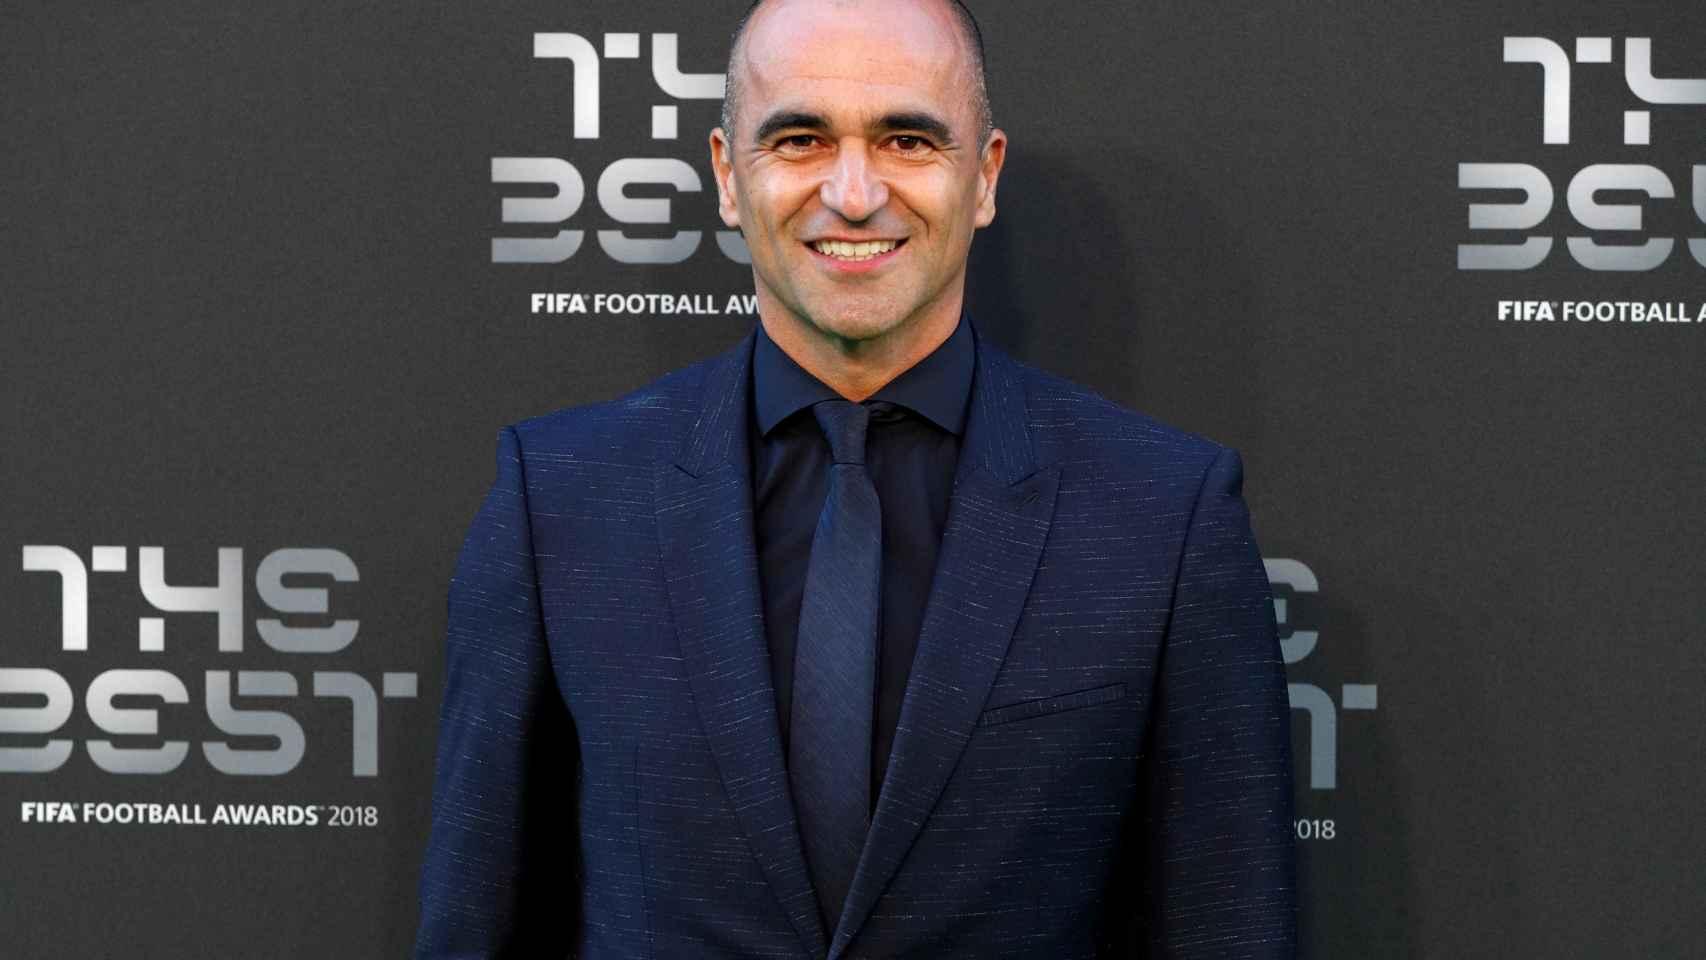 Roberto Martínez en la gala de los Premios The Best